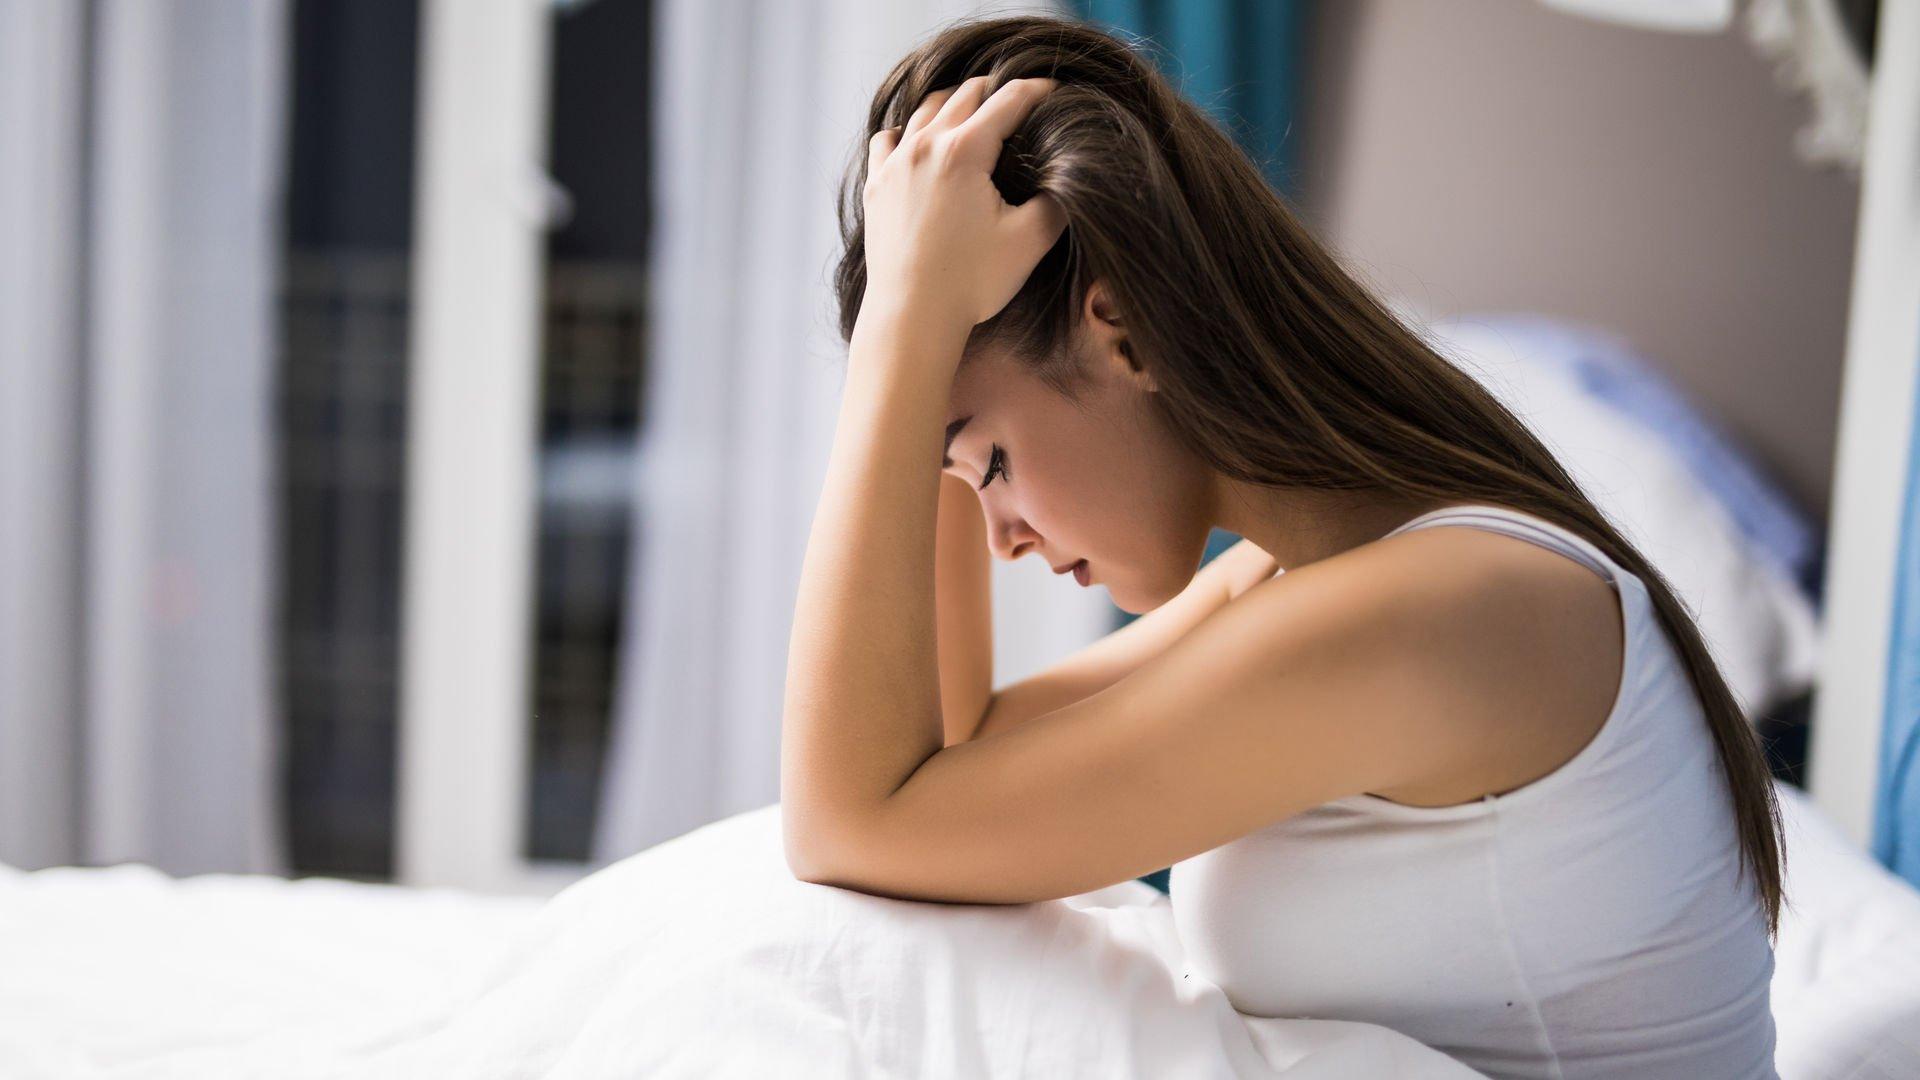 Temizlik Hastalığı Olanlar İçin Tanı ve Tedavi Yöntemleri